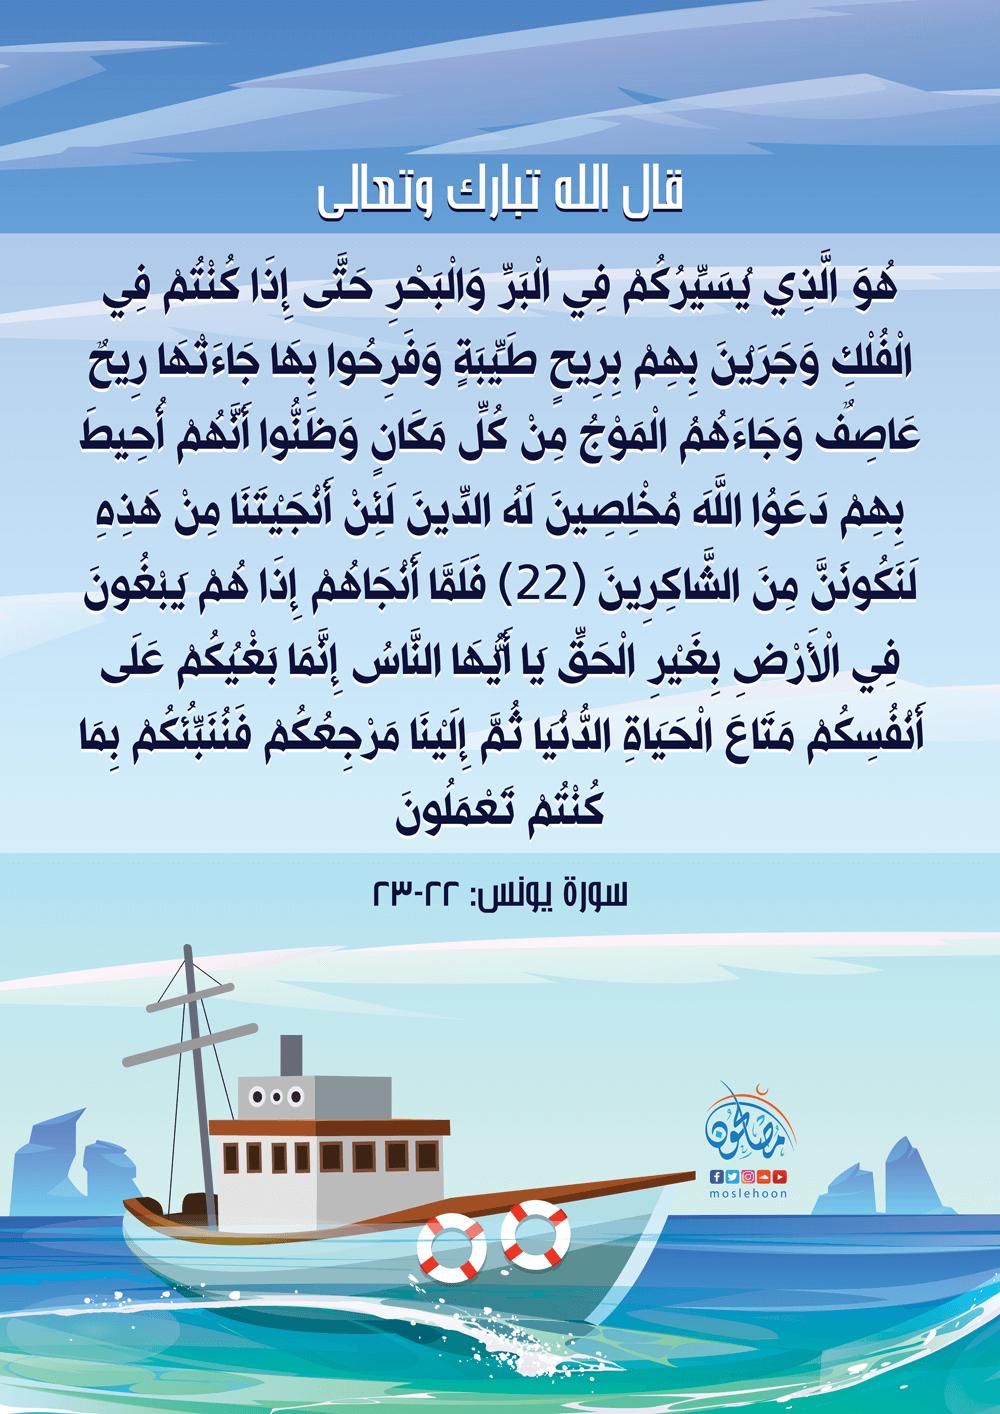 من أحوال الناس مع ربهم حال ركوب البحر واضطرابه